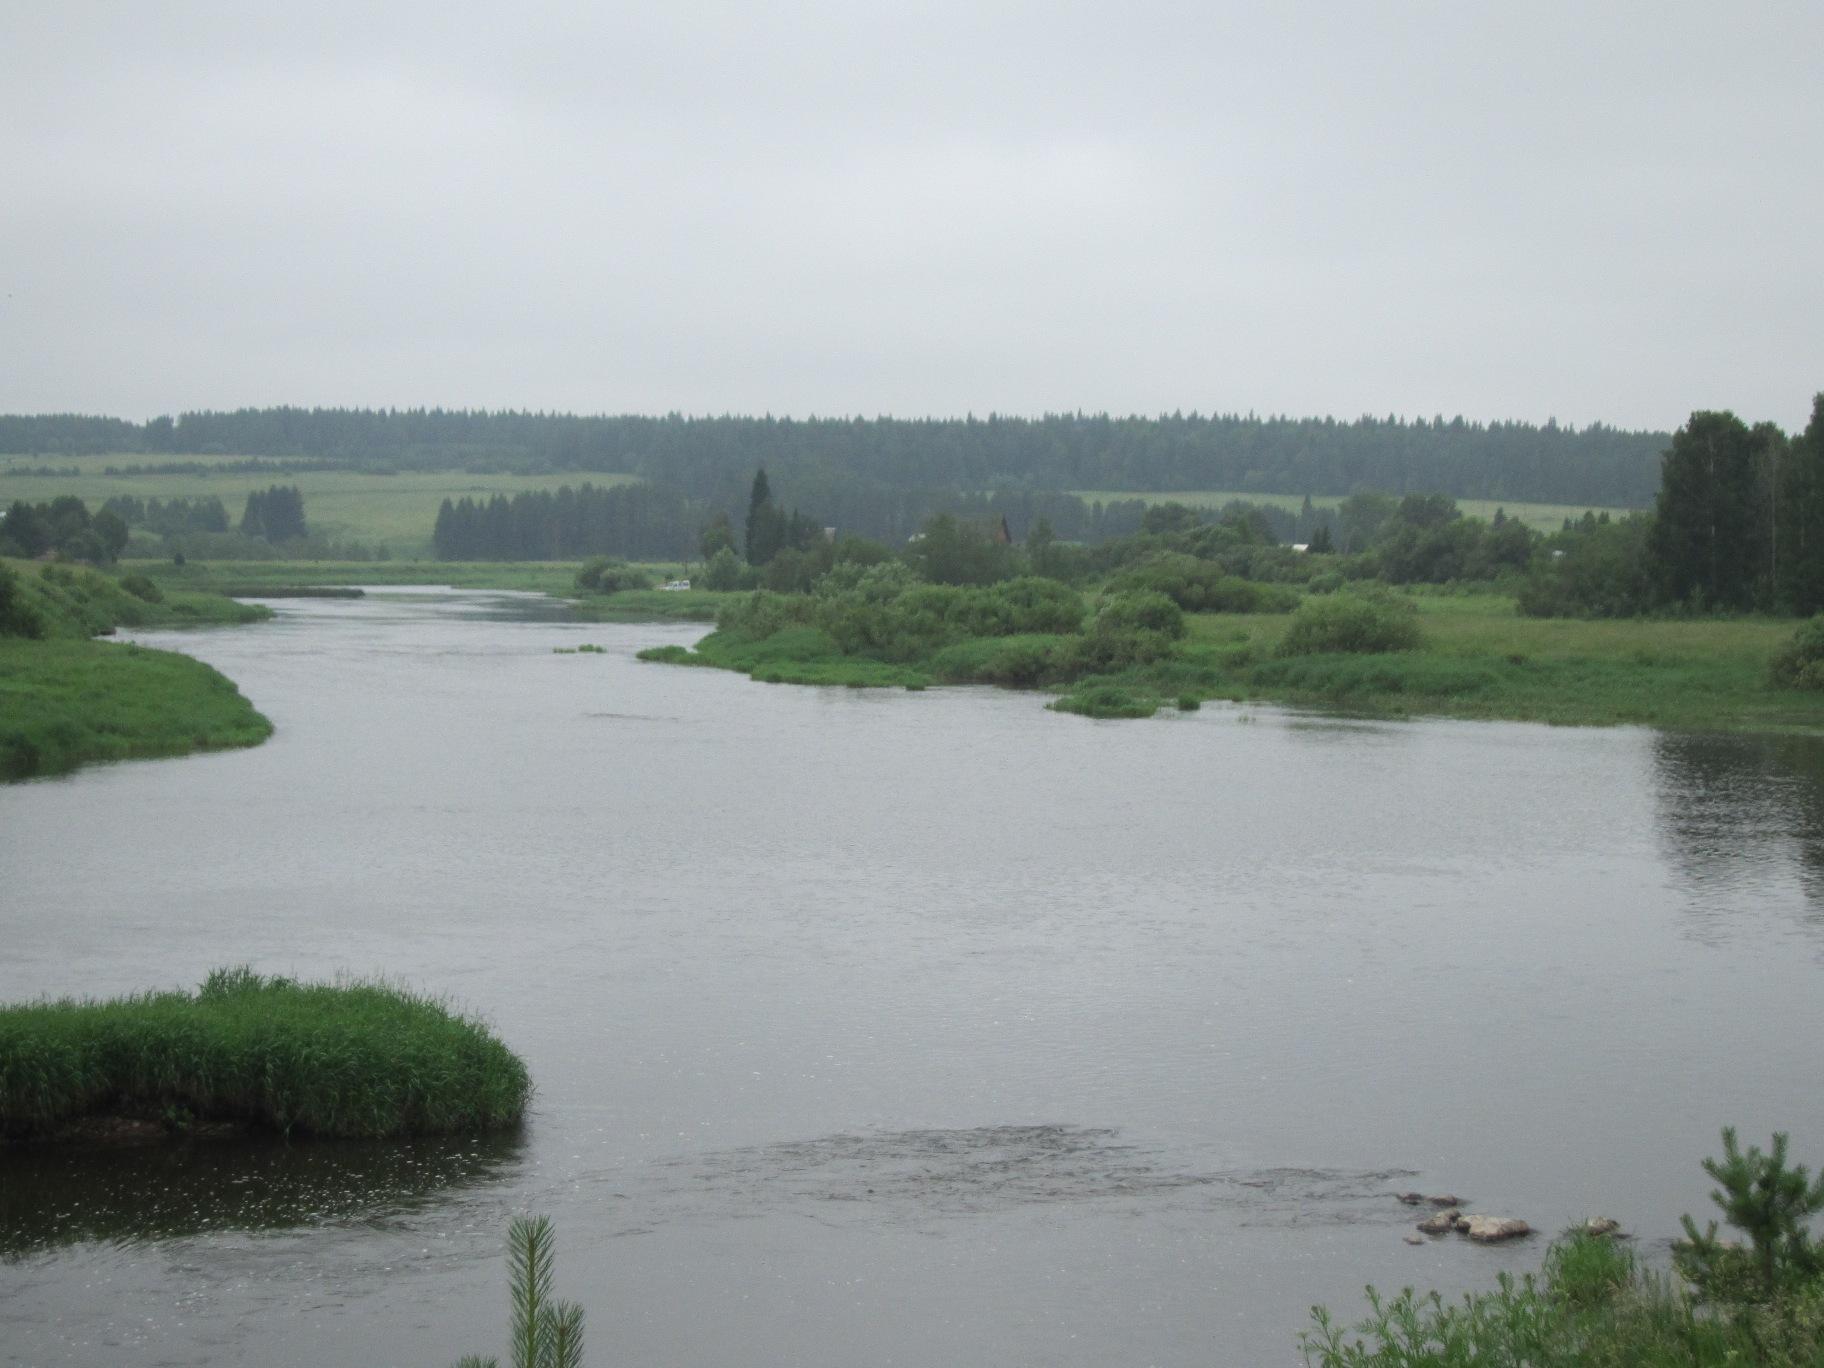 Вид на Чусовую вверх по течению Где-то там далеко за лесом - Верхний Уфалей (08.07.2015)